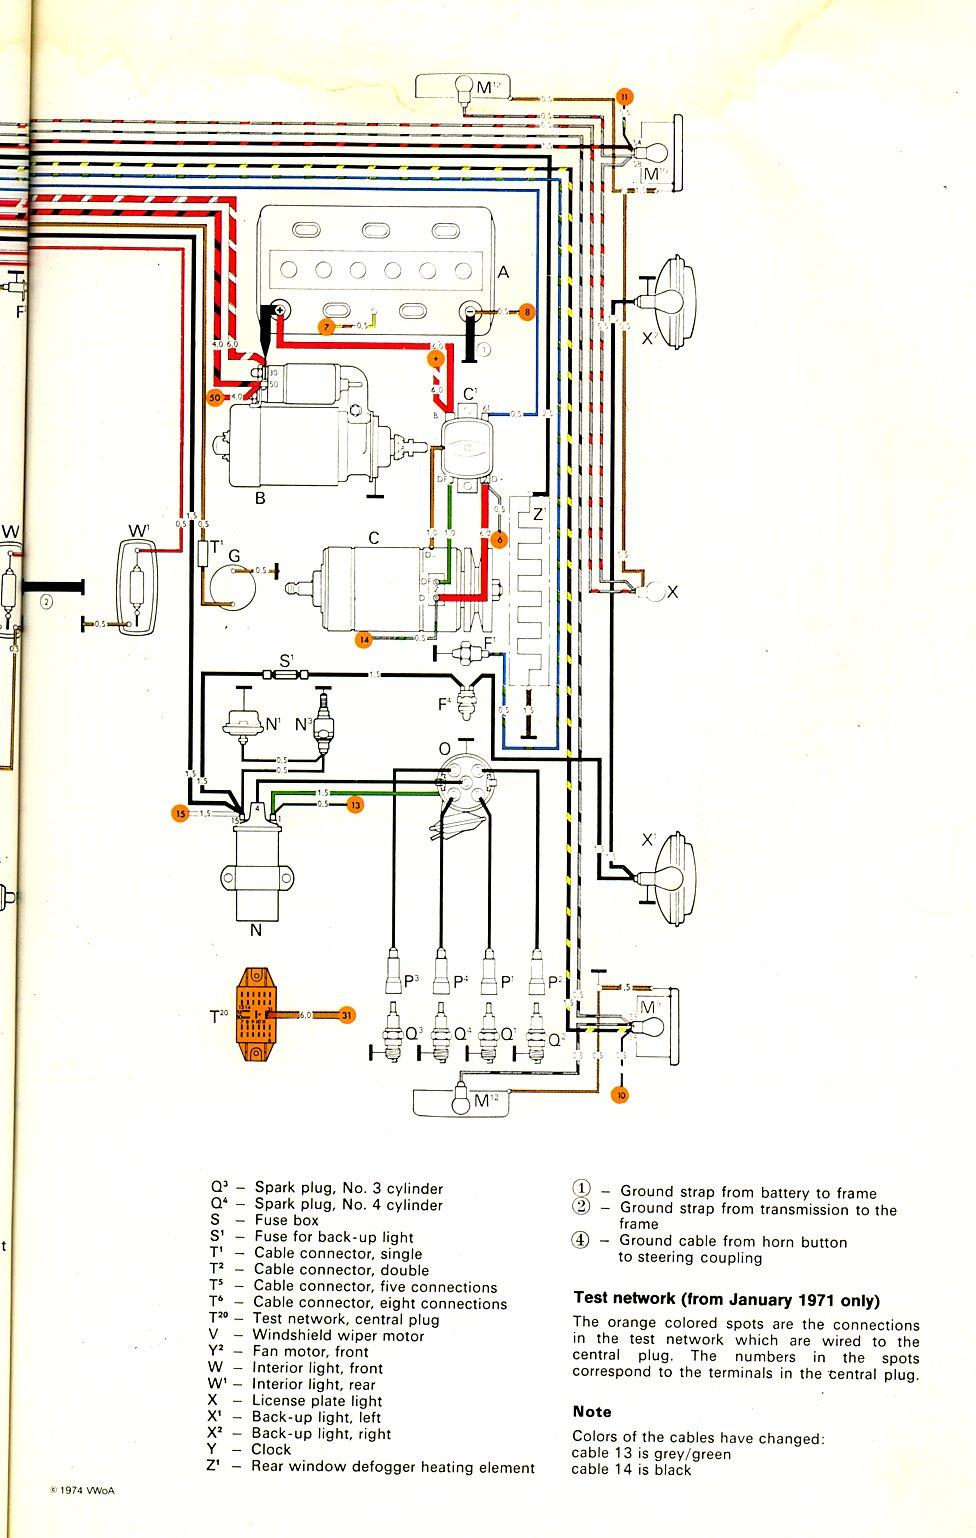 Corvette Schematics Diagrams 1971 Bus Wiring Diagram Thegoldenbug Com